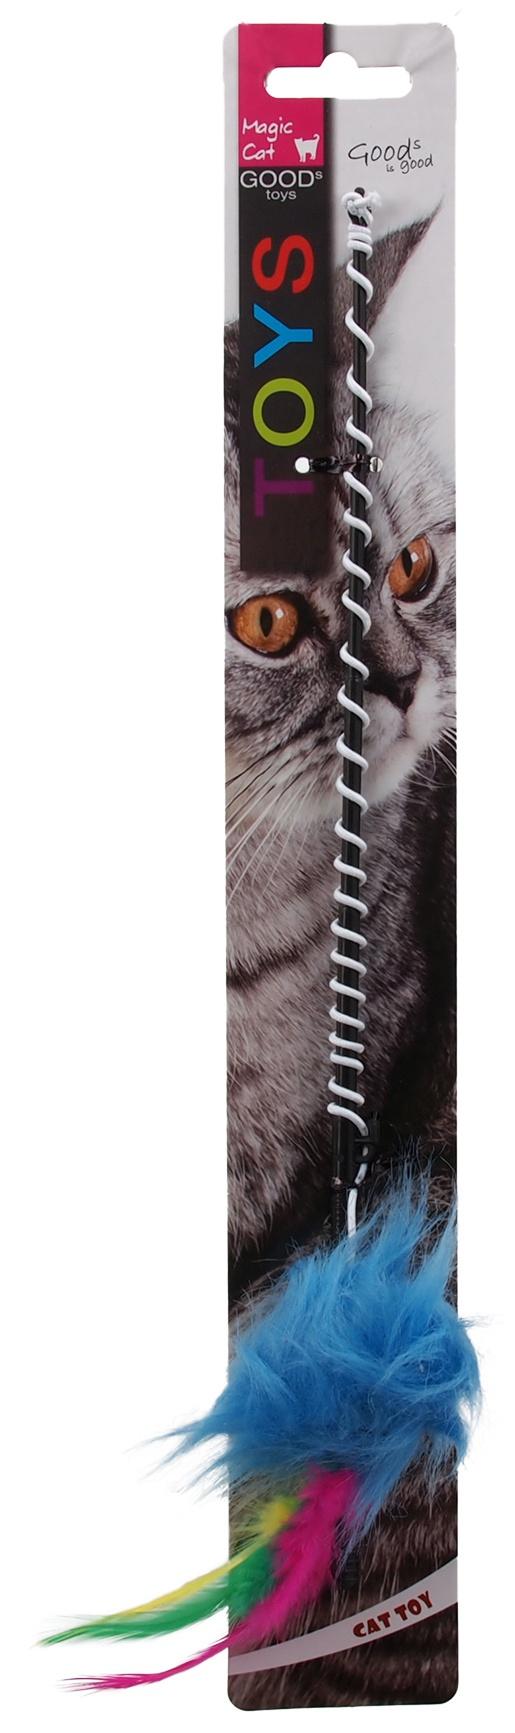 Hračka MAGIC CAT prut s myškou a ocáskem 30cm